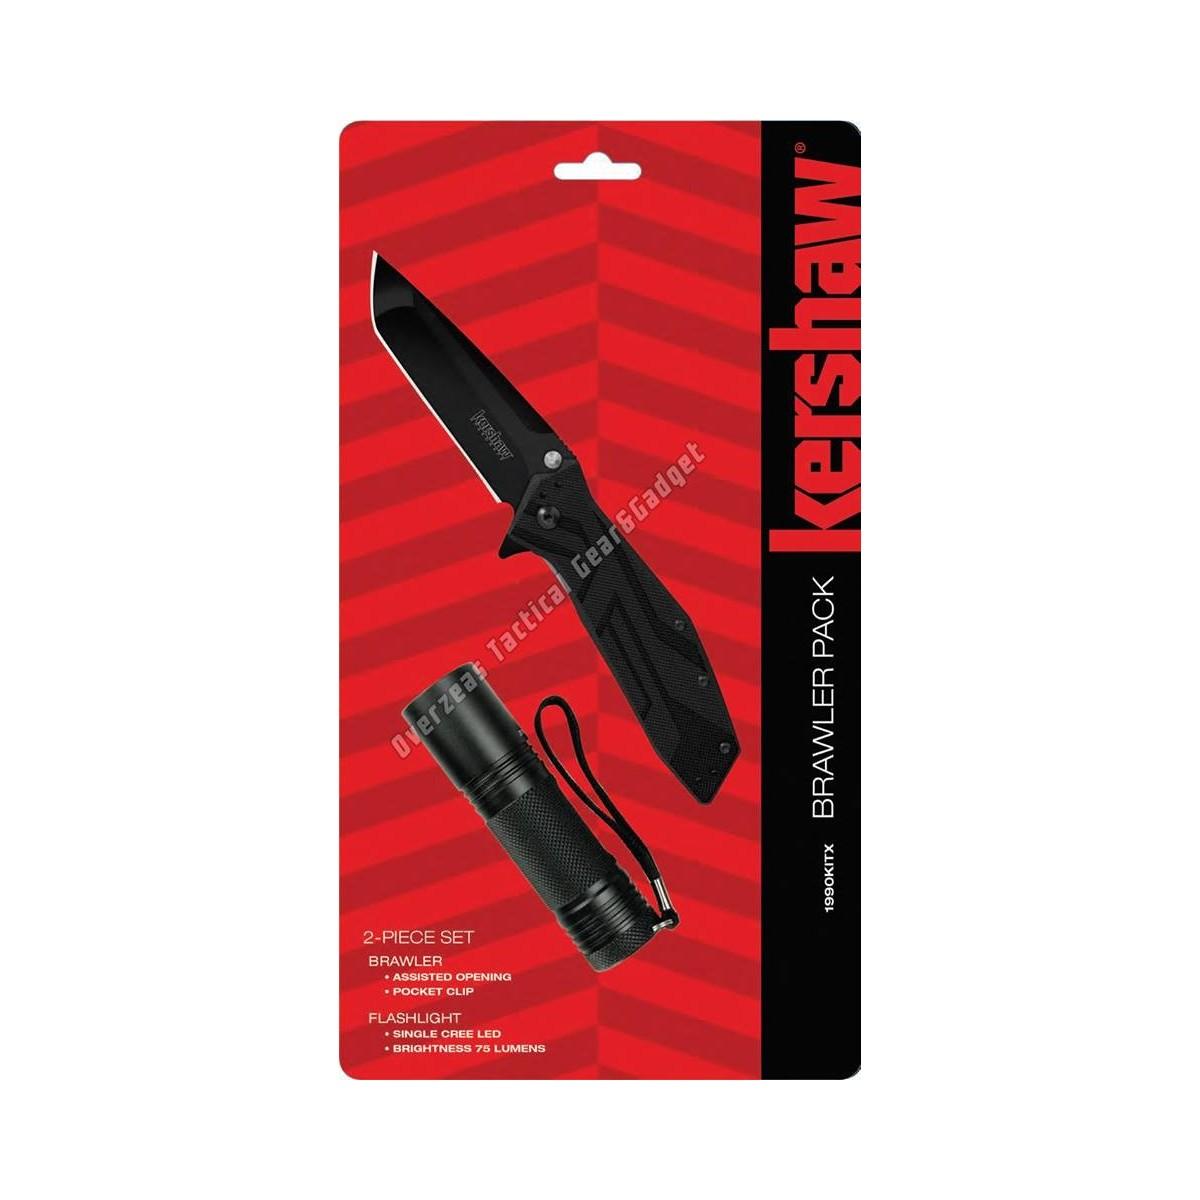 ชุดคอมโบสุดคุ้ม Kershaw Brawler Pack Assisted Opening Knife + ไฟฉาย LED Flashlight (1990KITX)